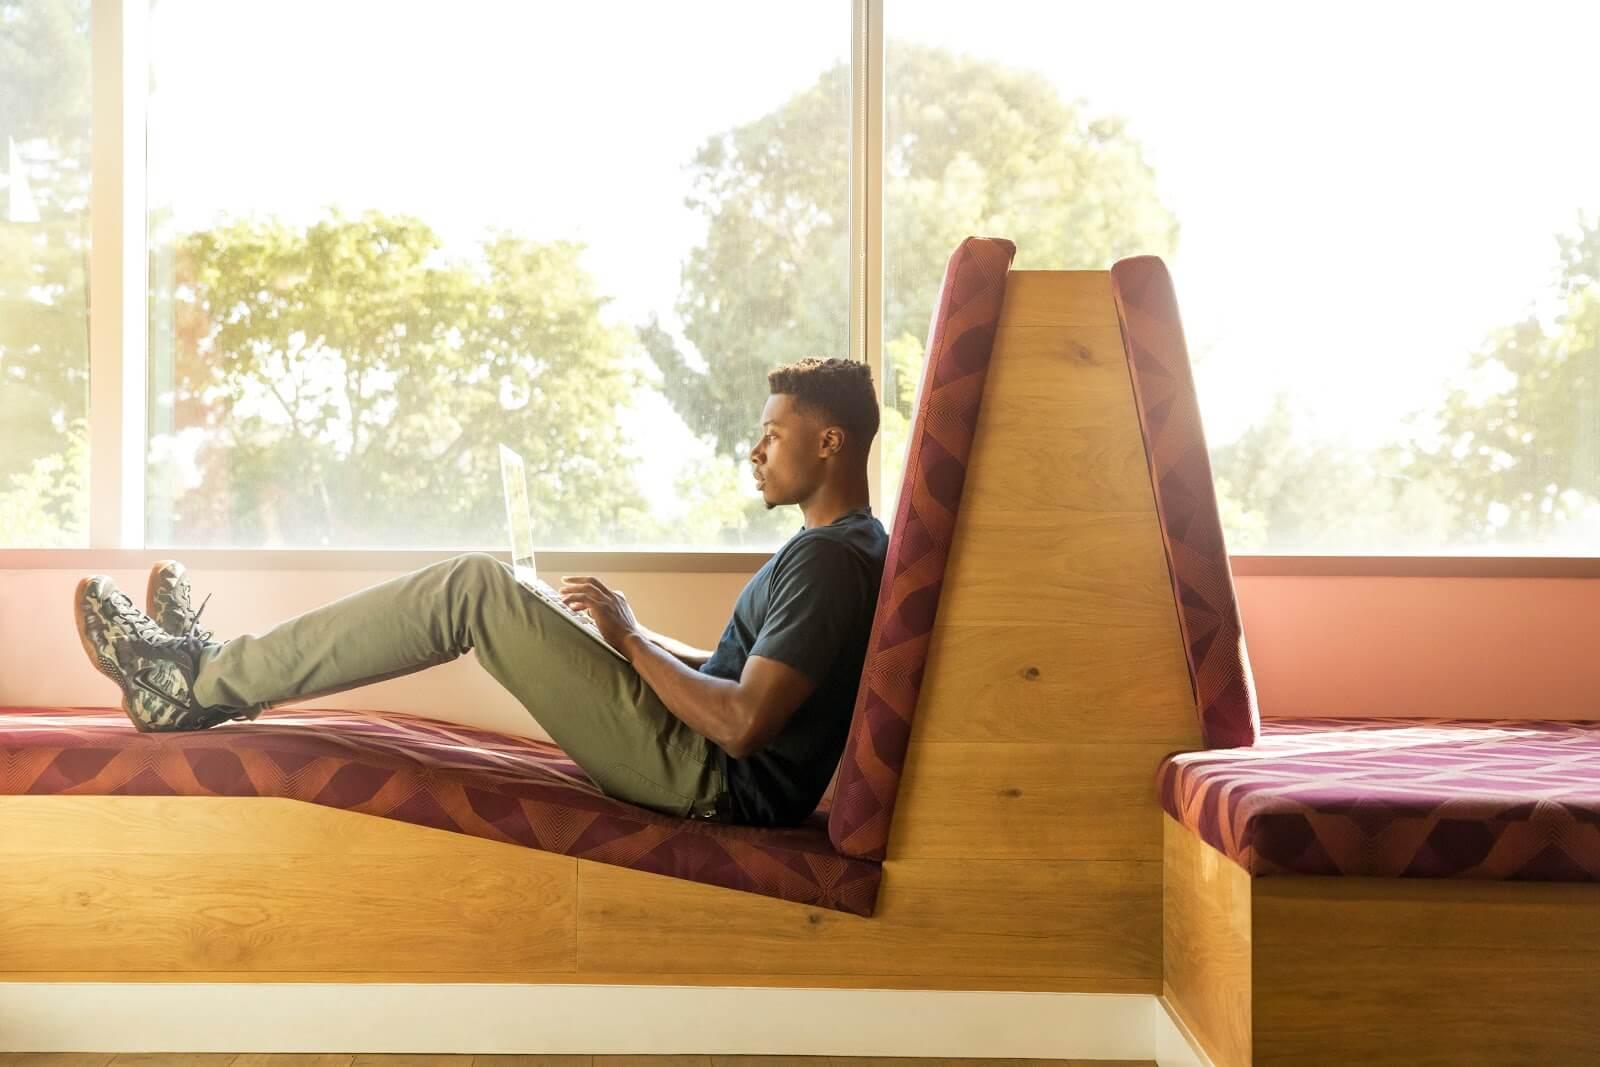 Buscando trabajos en línea para adolescentes en una silla junto a una ventana